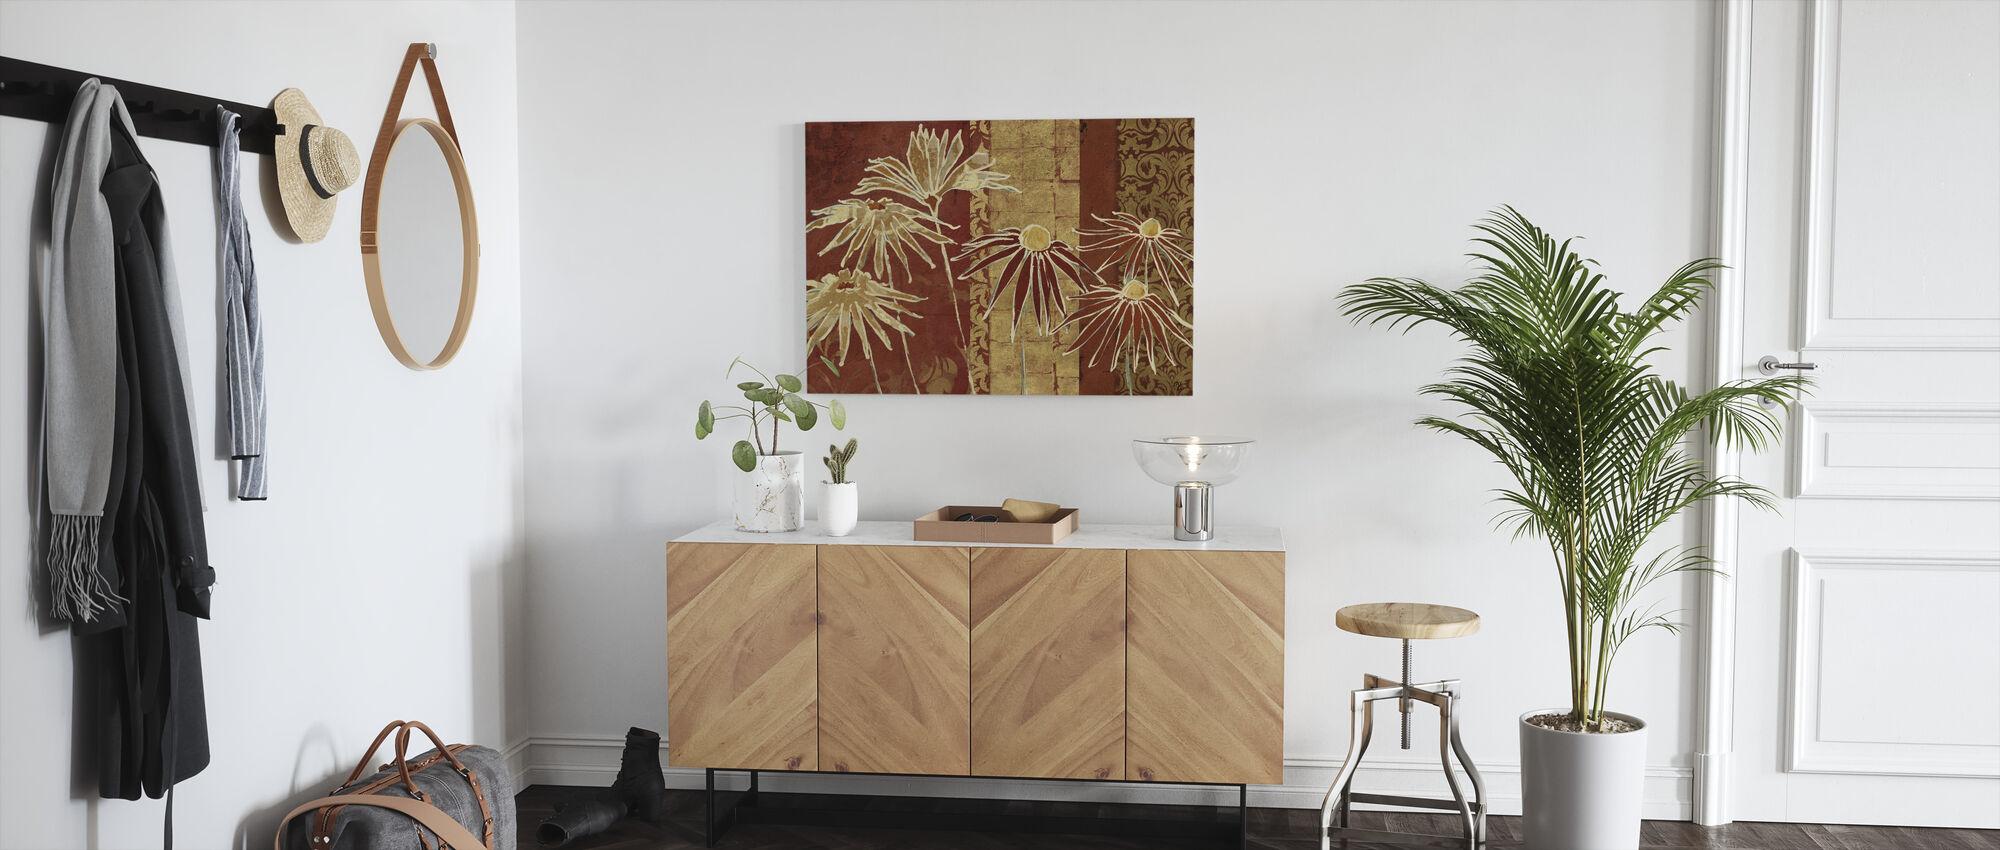 Avery Tillmon - Fleurs sur Spice - Impression sur toile - Entrée